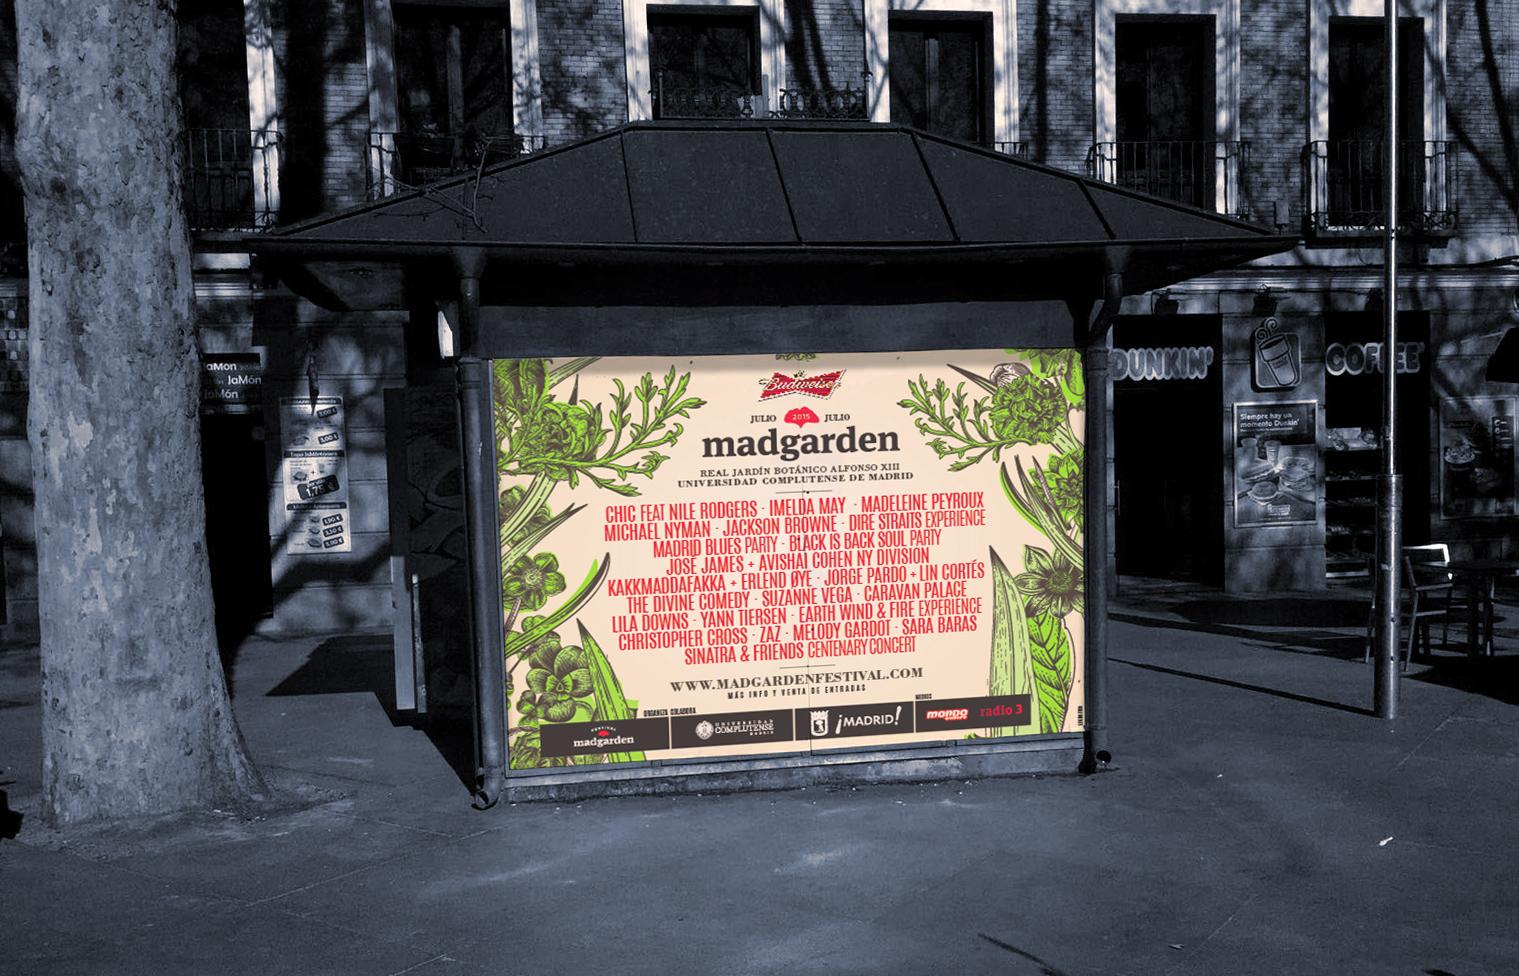 diseño de poster para madgarden